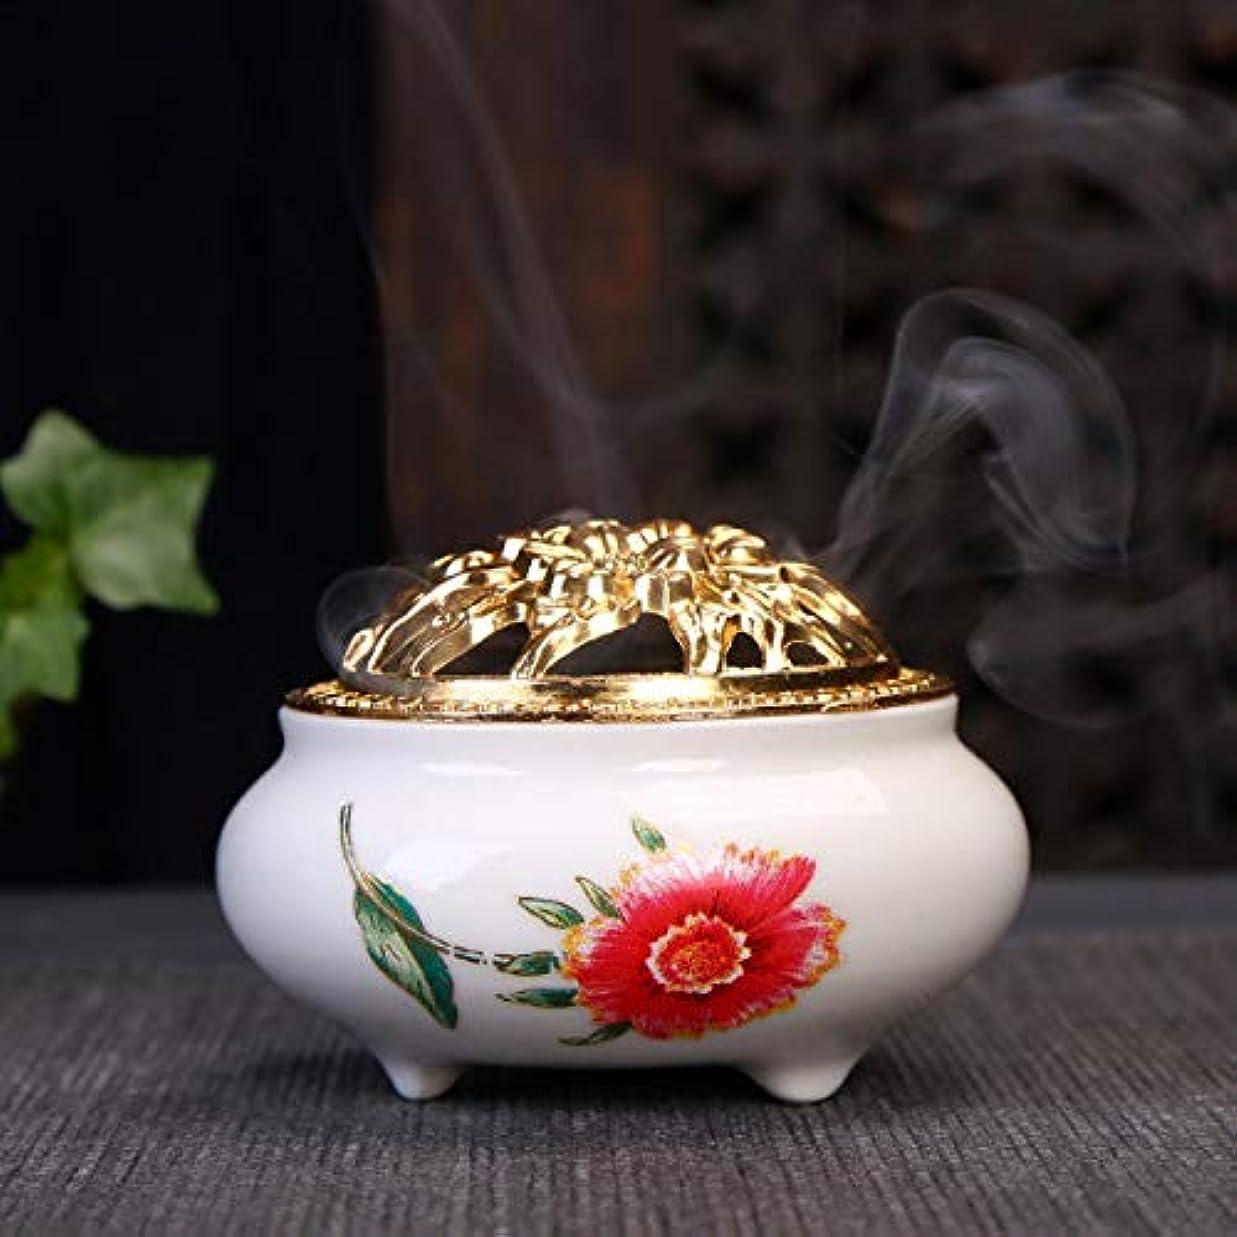 お世話になった割るそうでなければ香炉ポータブル香炉香炉用真鍮ホイストブラケット付き円錐香炉 家庭用香り9.5 * 6.5 cm